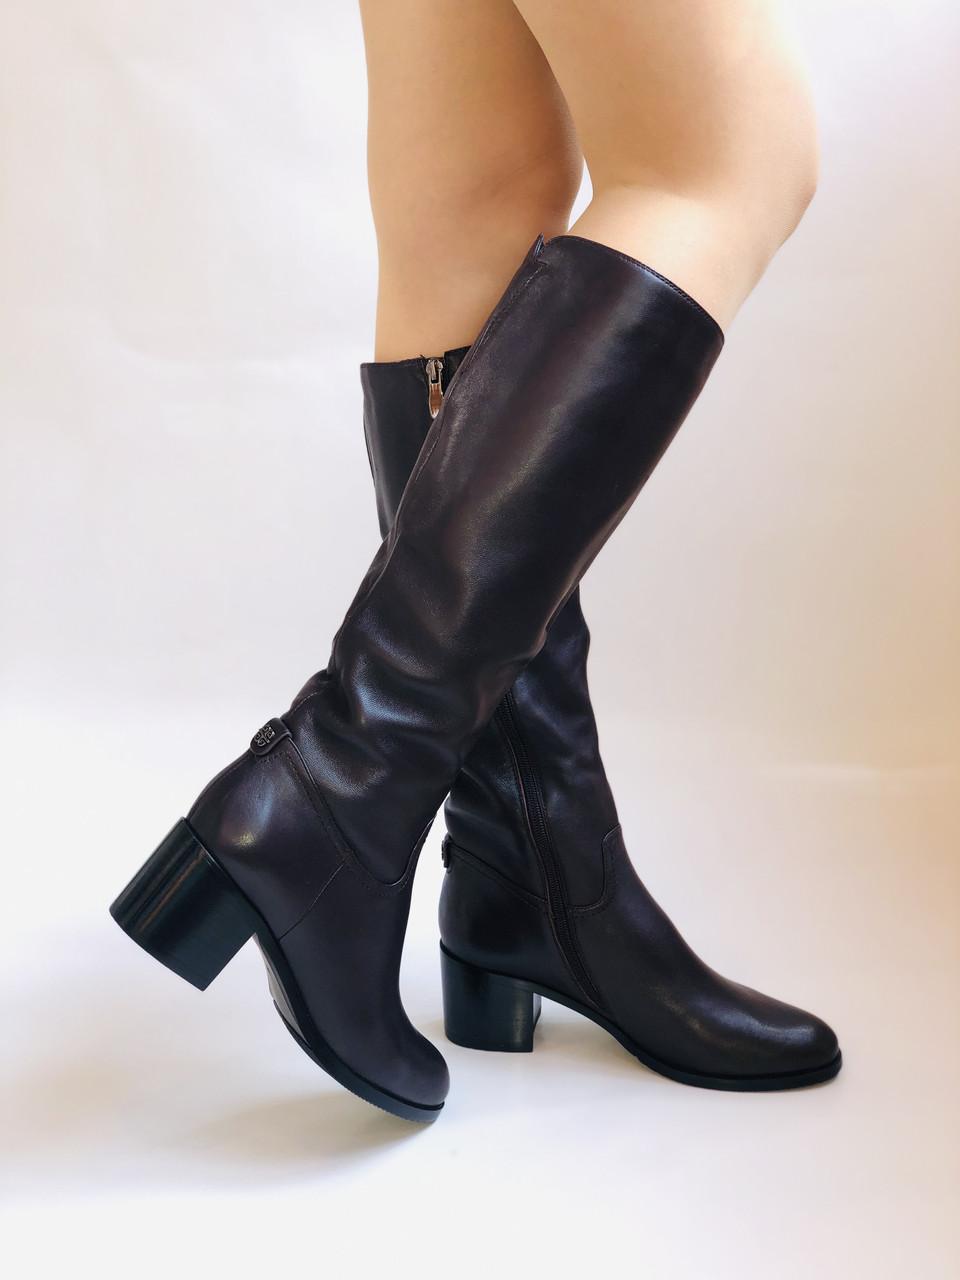 Женские осенне-весенние сапоги на среднем каблуке. Натуральная кожа. Люкс качество. Molka. Р. 37.38.40